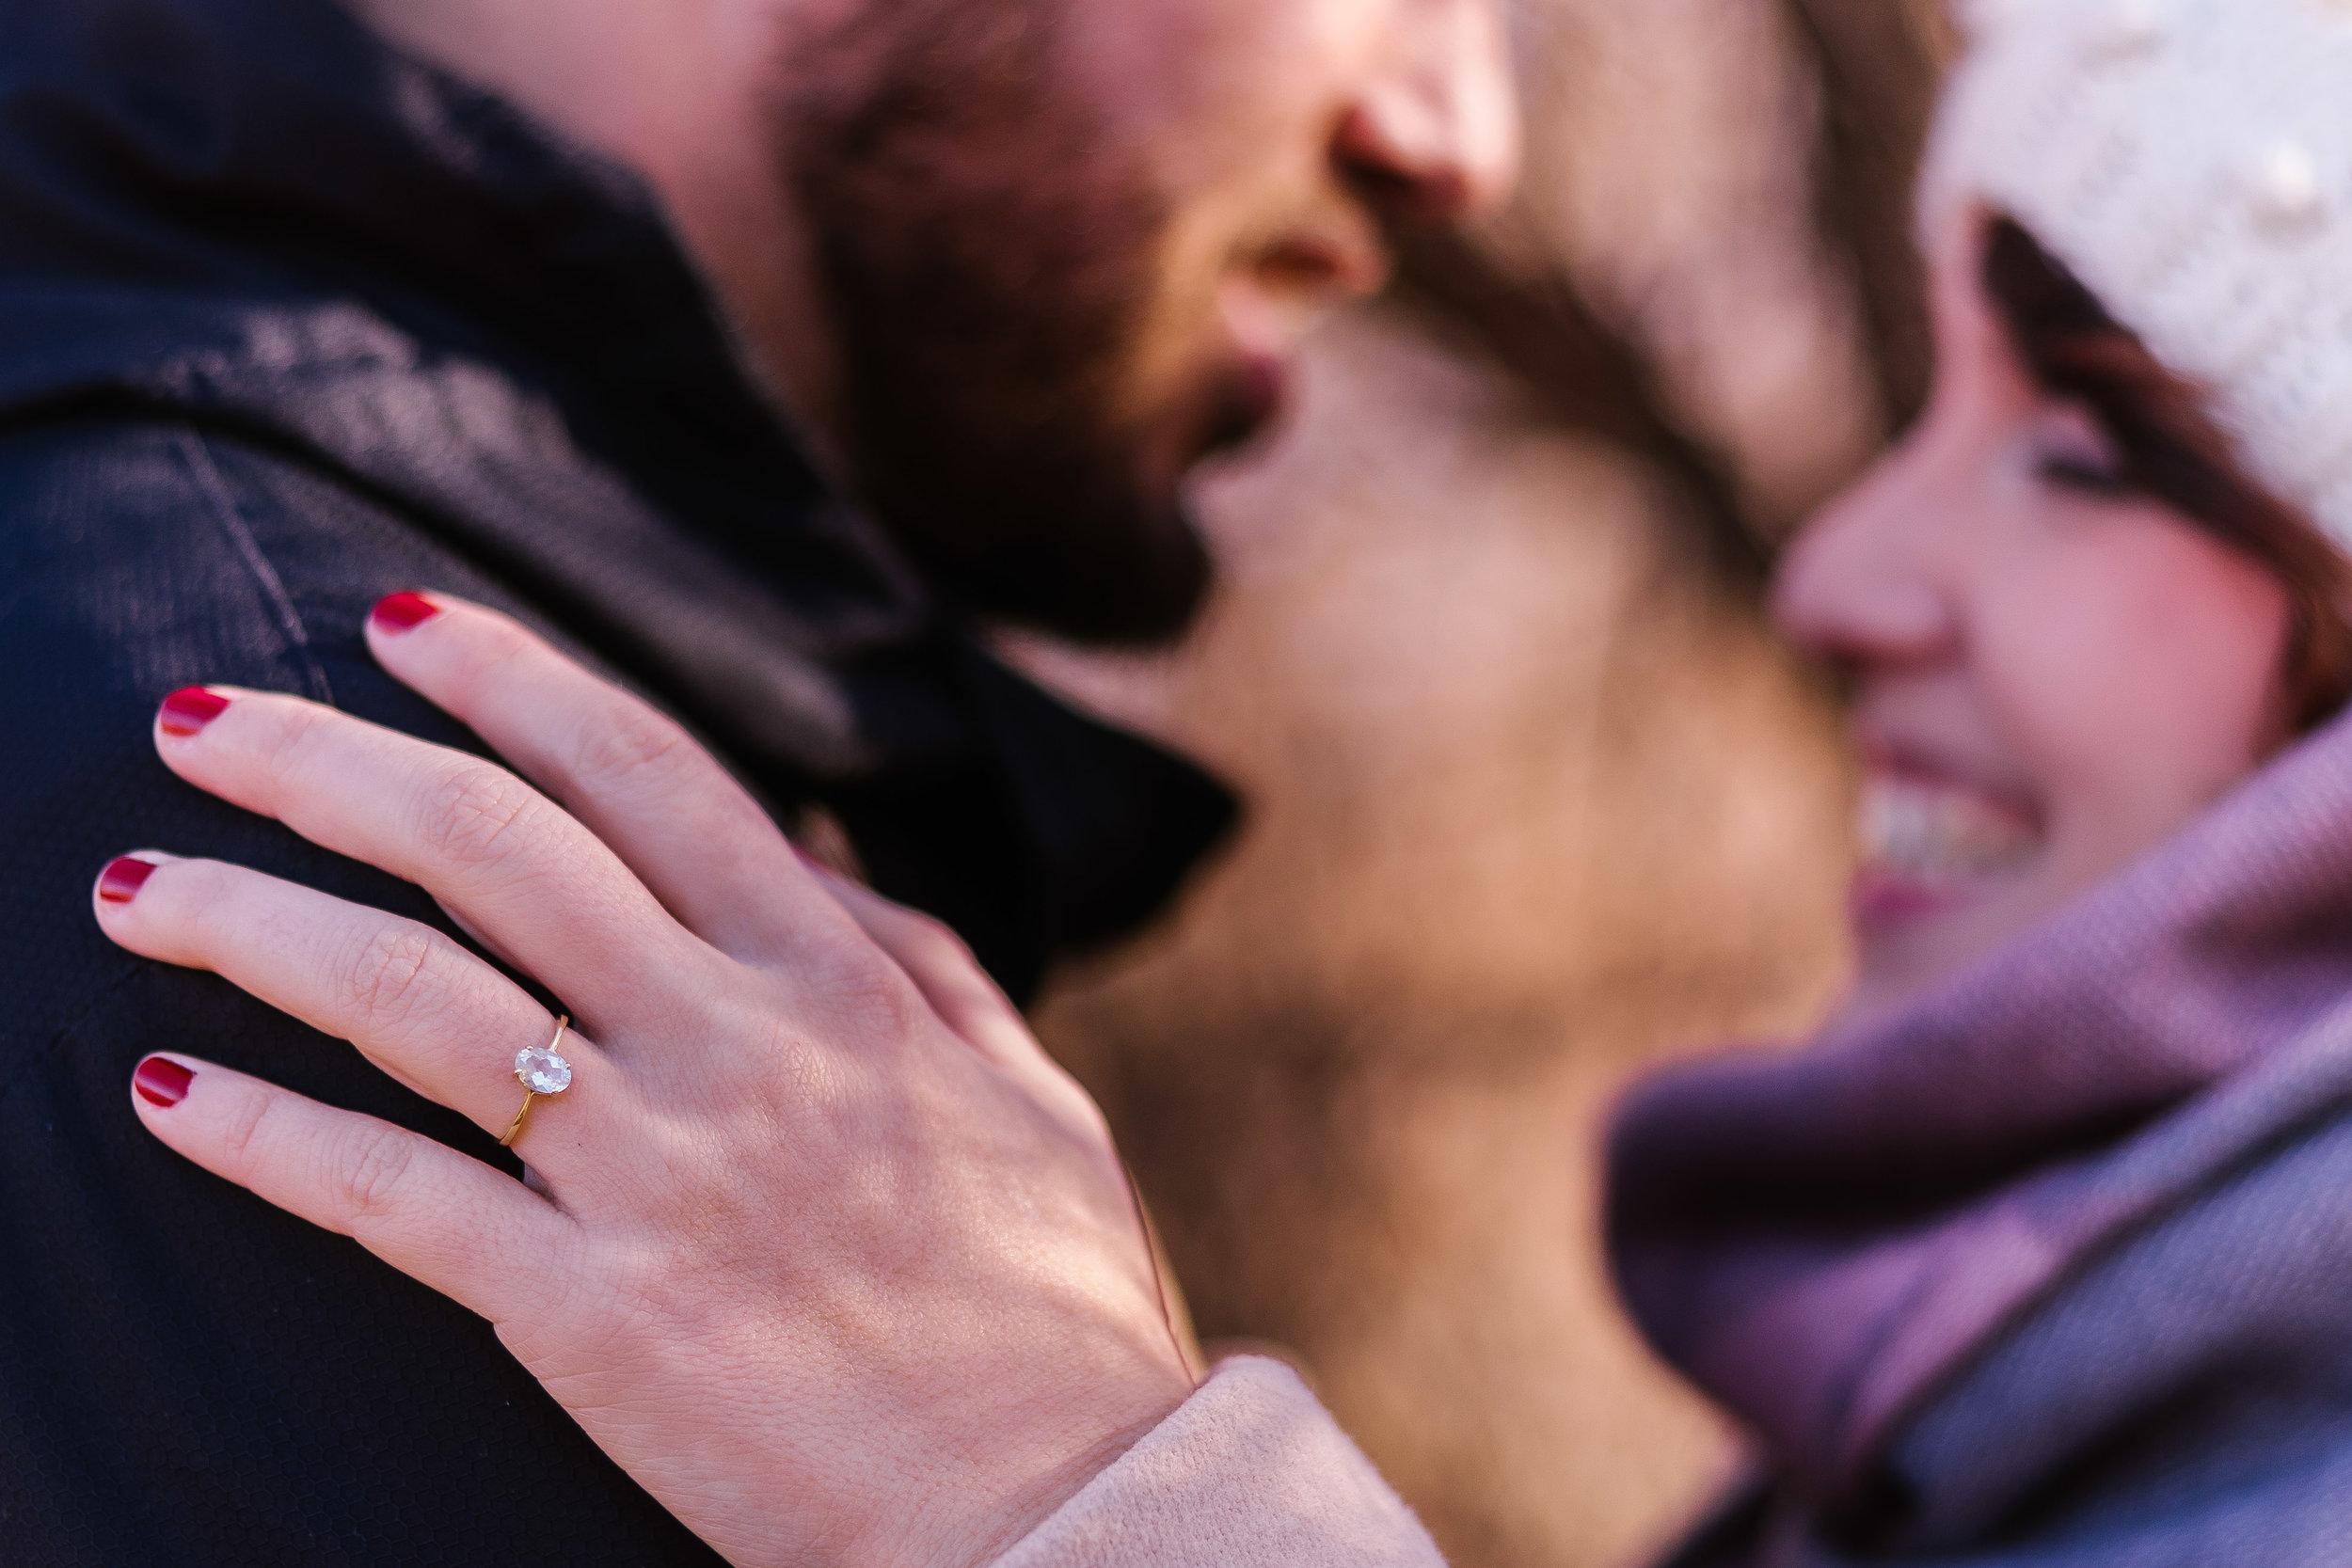 fotografo-de-boda-55.jpg